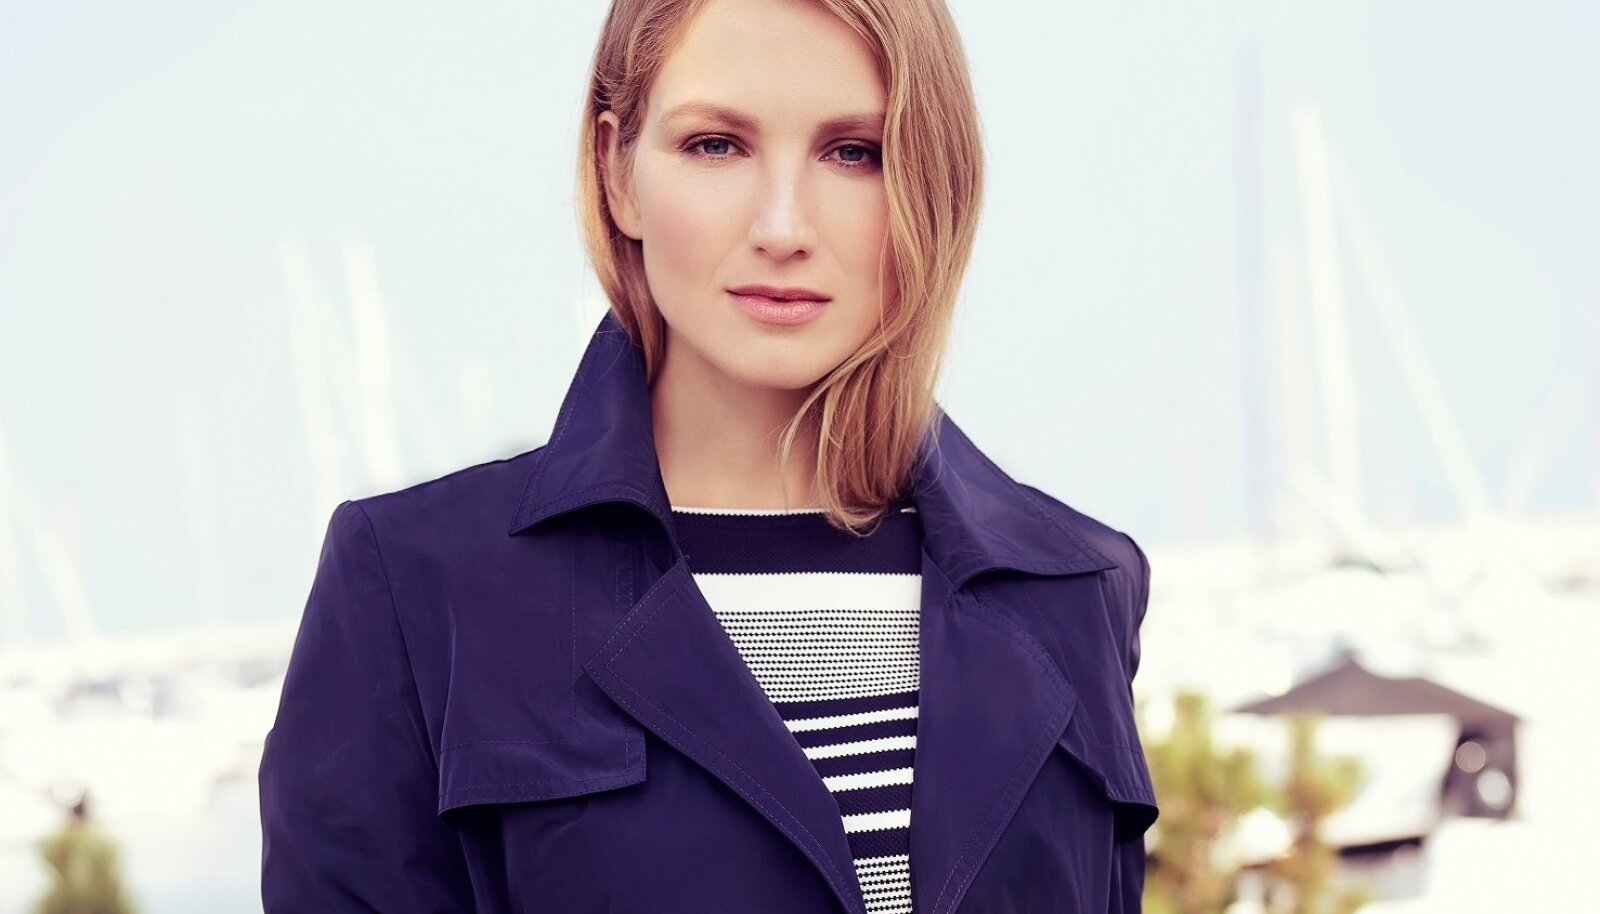 Kuigi Hansmarki rõivaste peamine sihtrühm on vanemad naised, sobivad need ka noorematele.